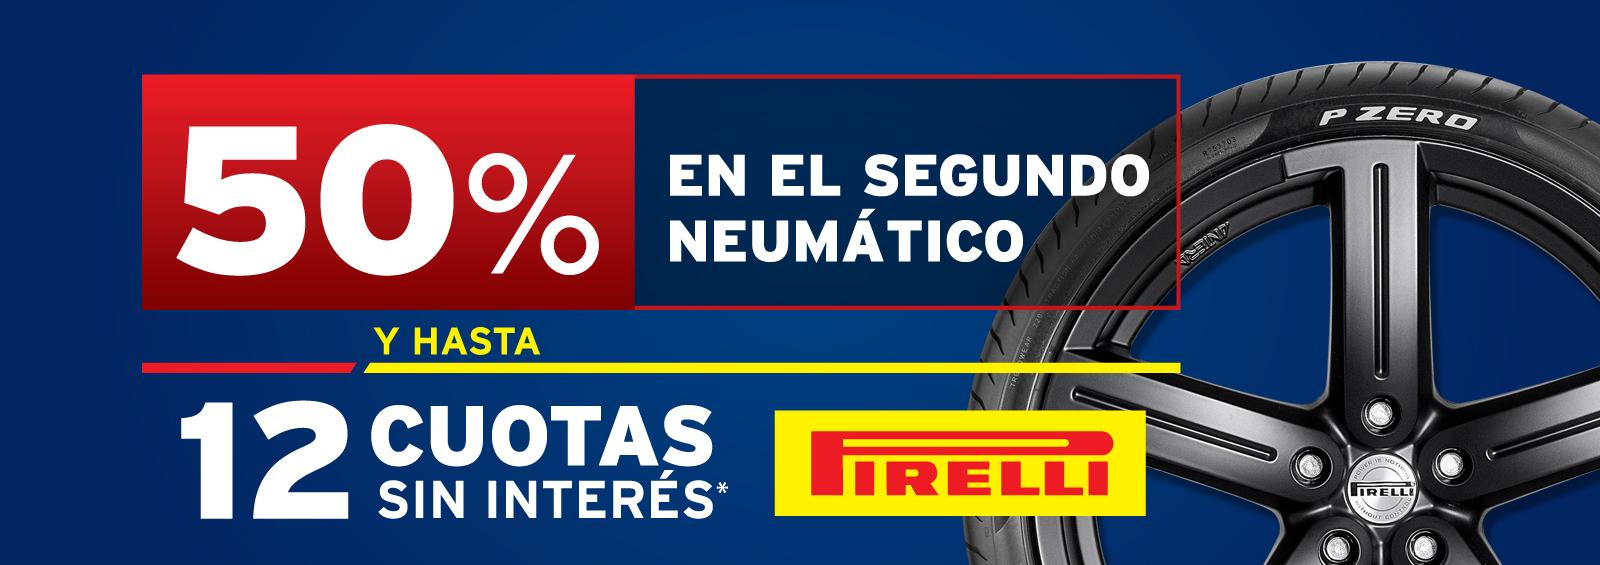 50% en el segundo neumático